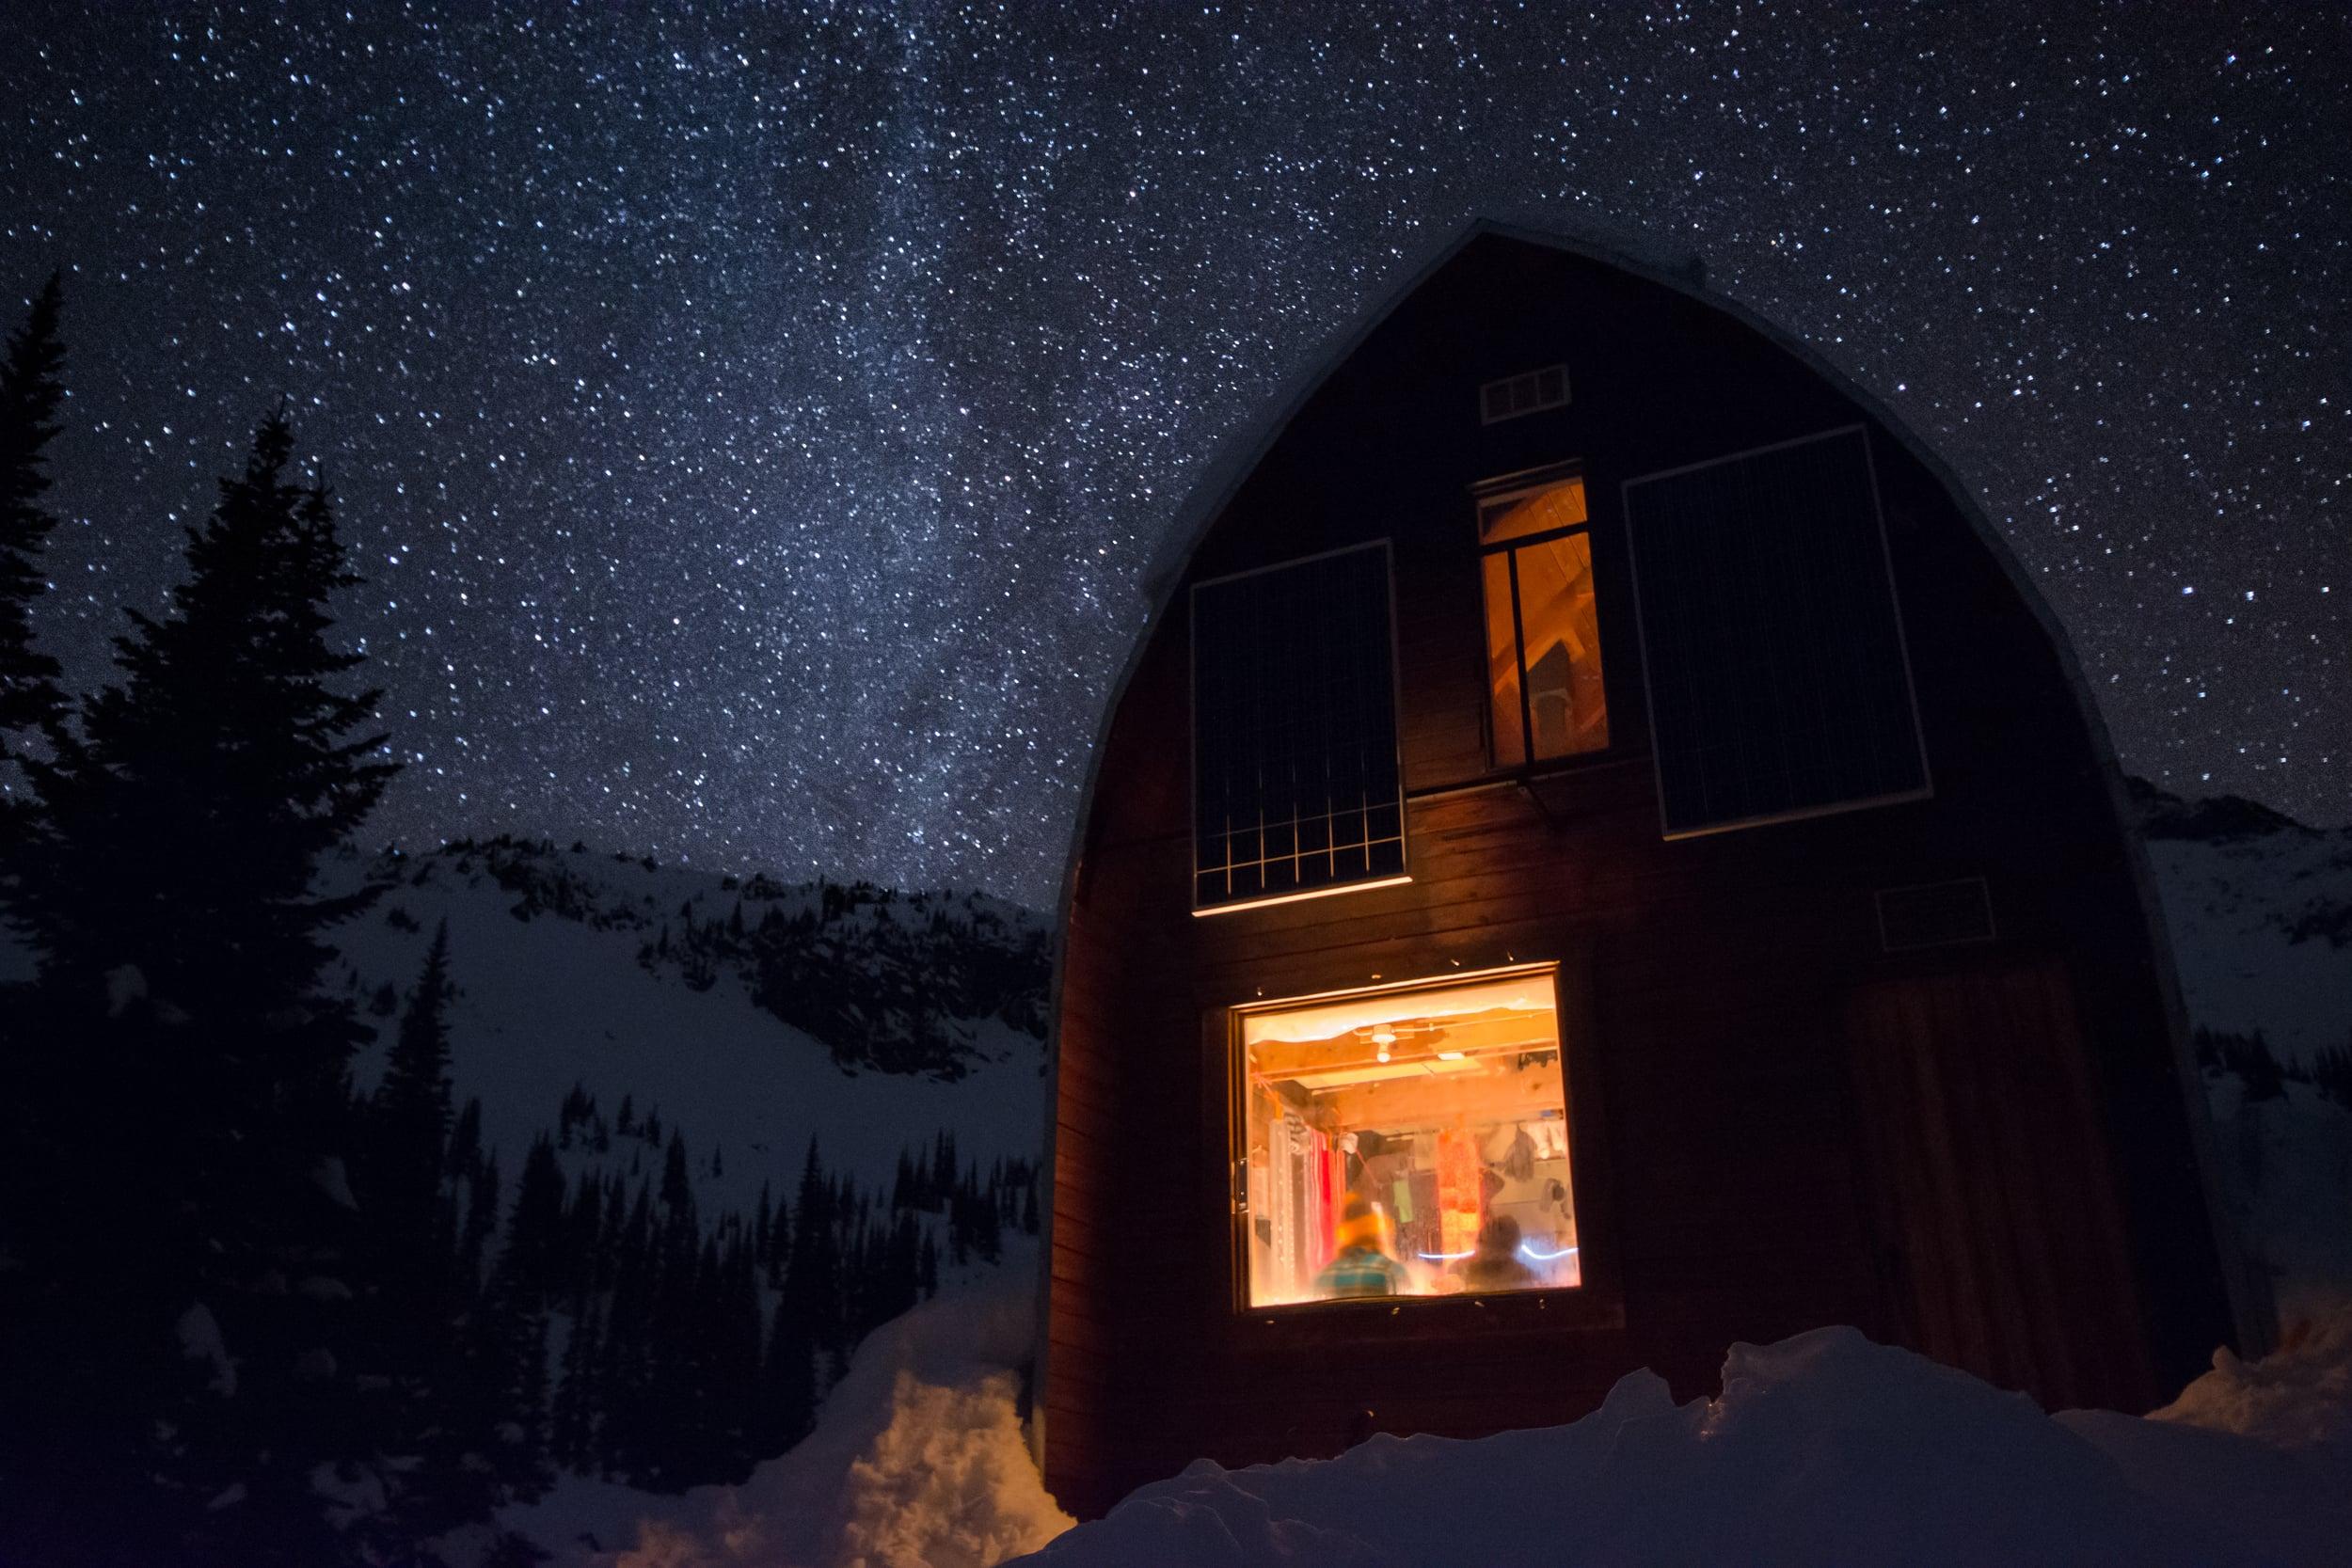 Hut at Night II